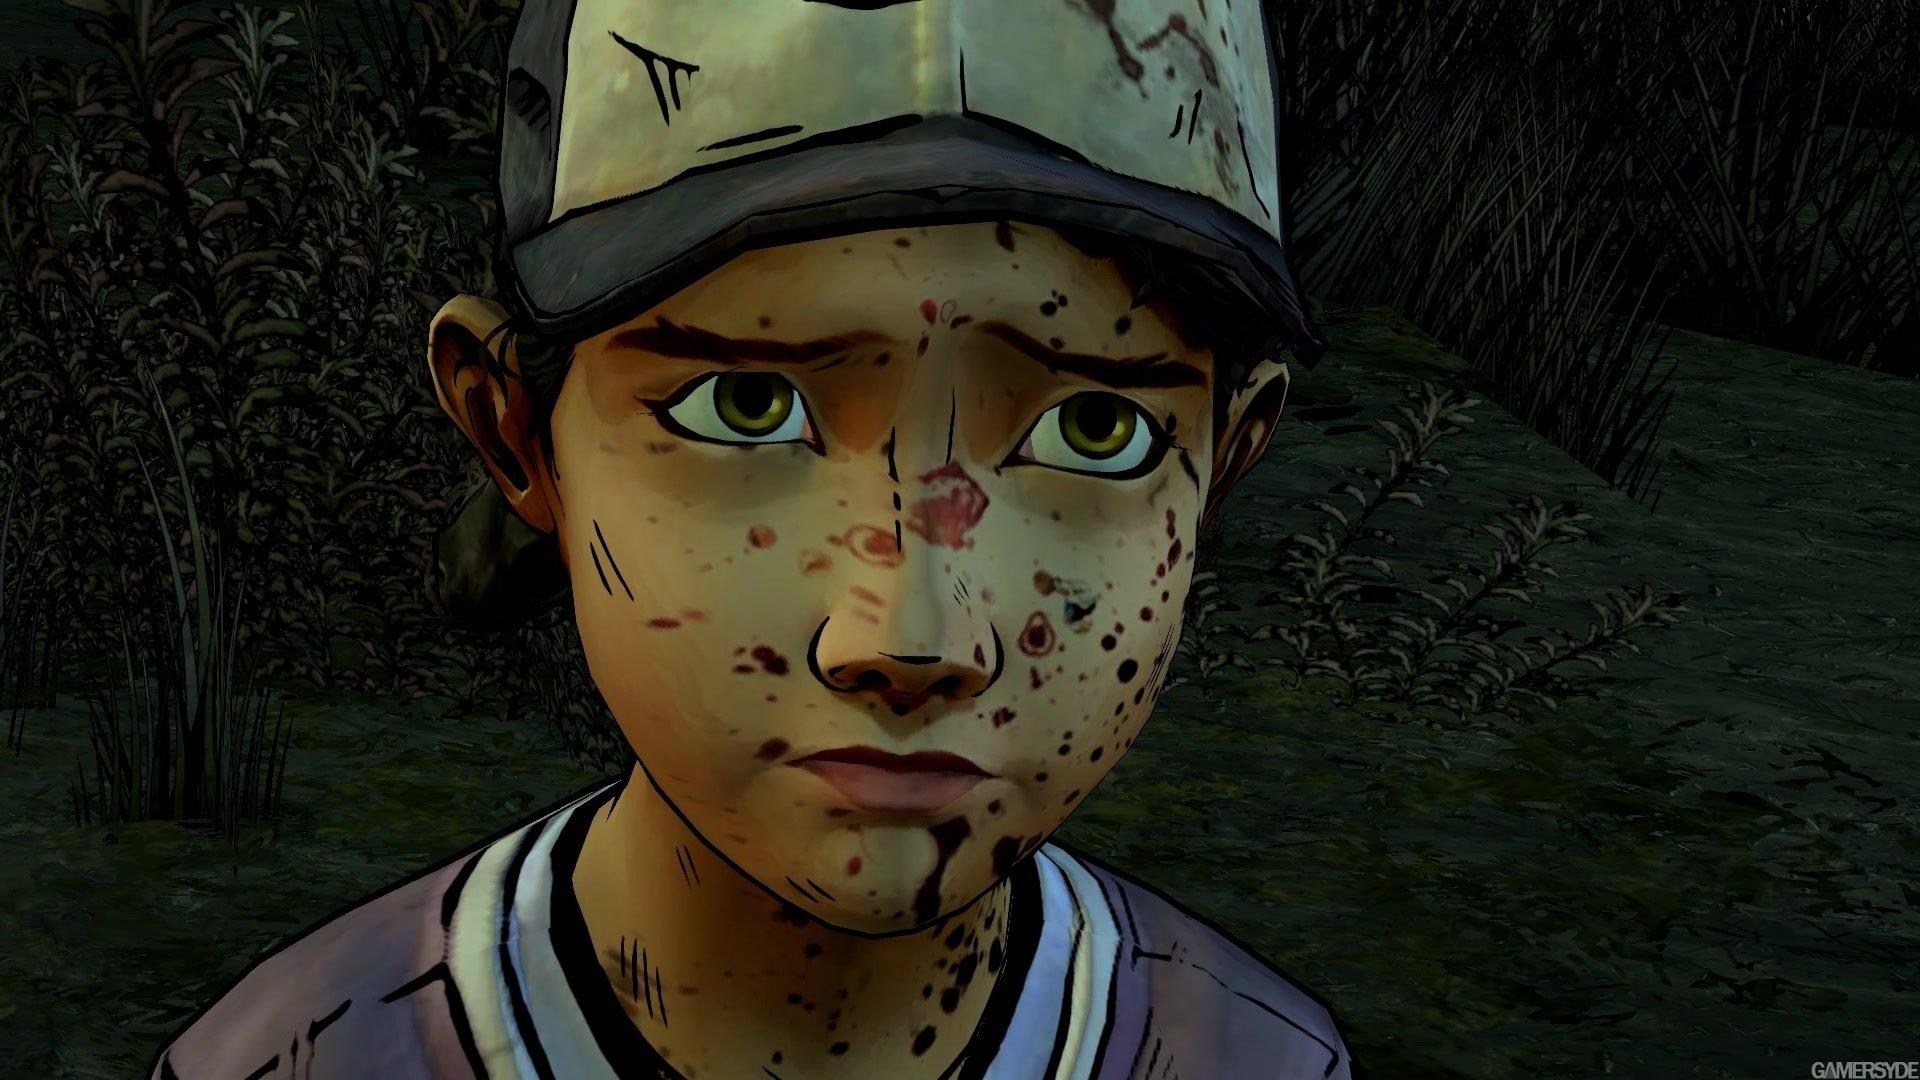 Download hd 1920x1080 The Walking Dead: Season 2 computer